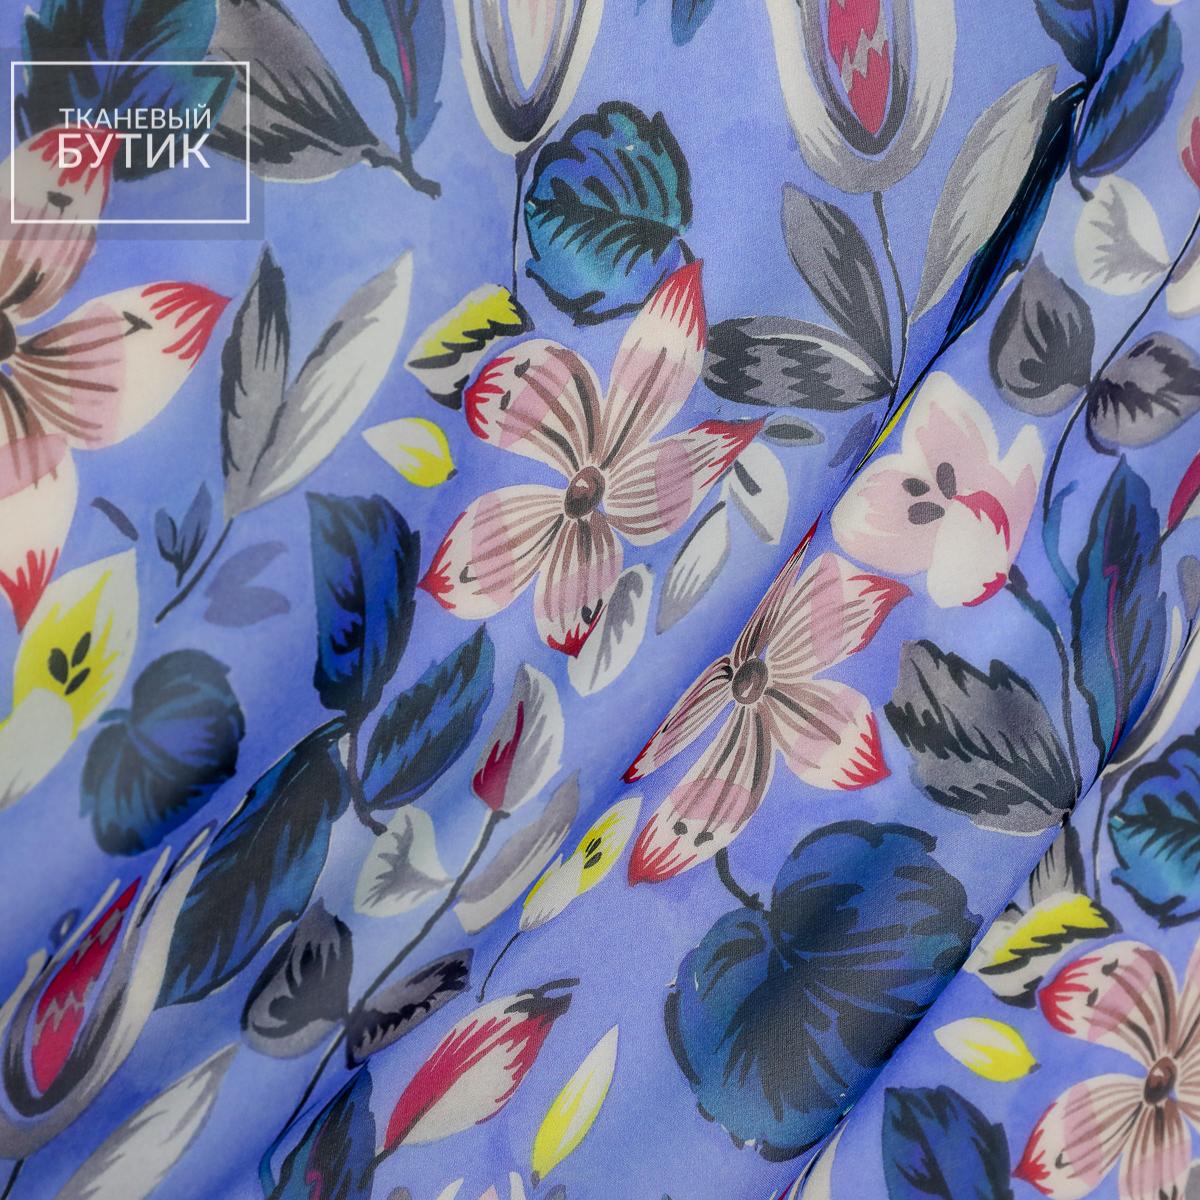 Шифон сине-голубой с яркими цветочными элементами